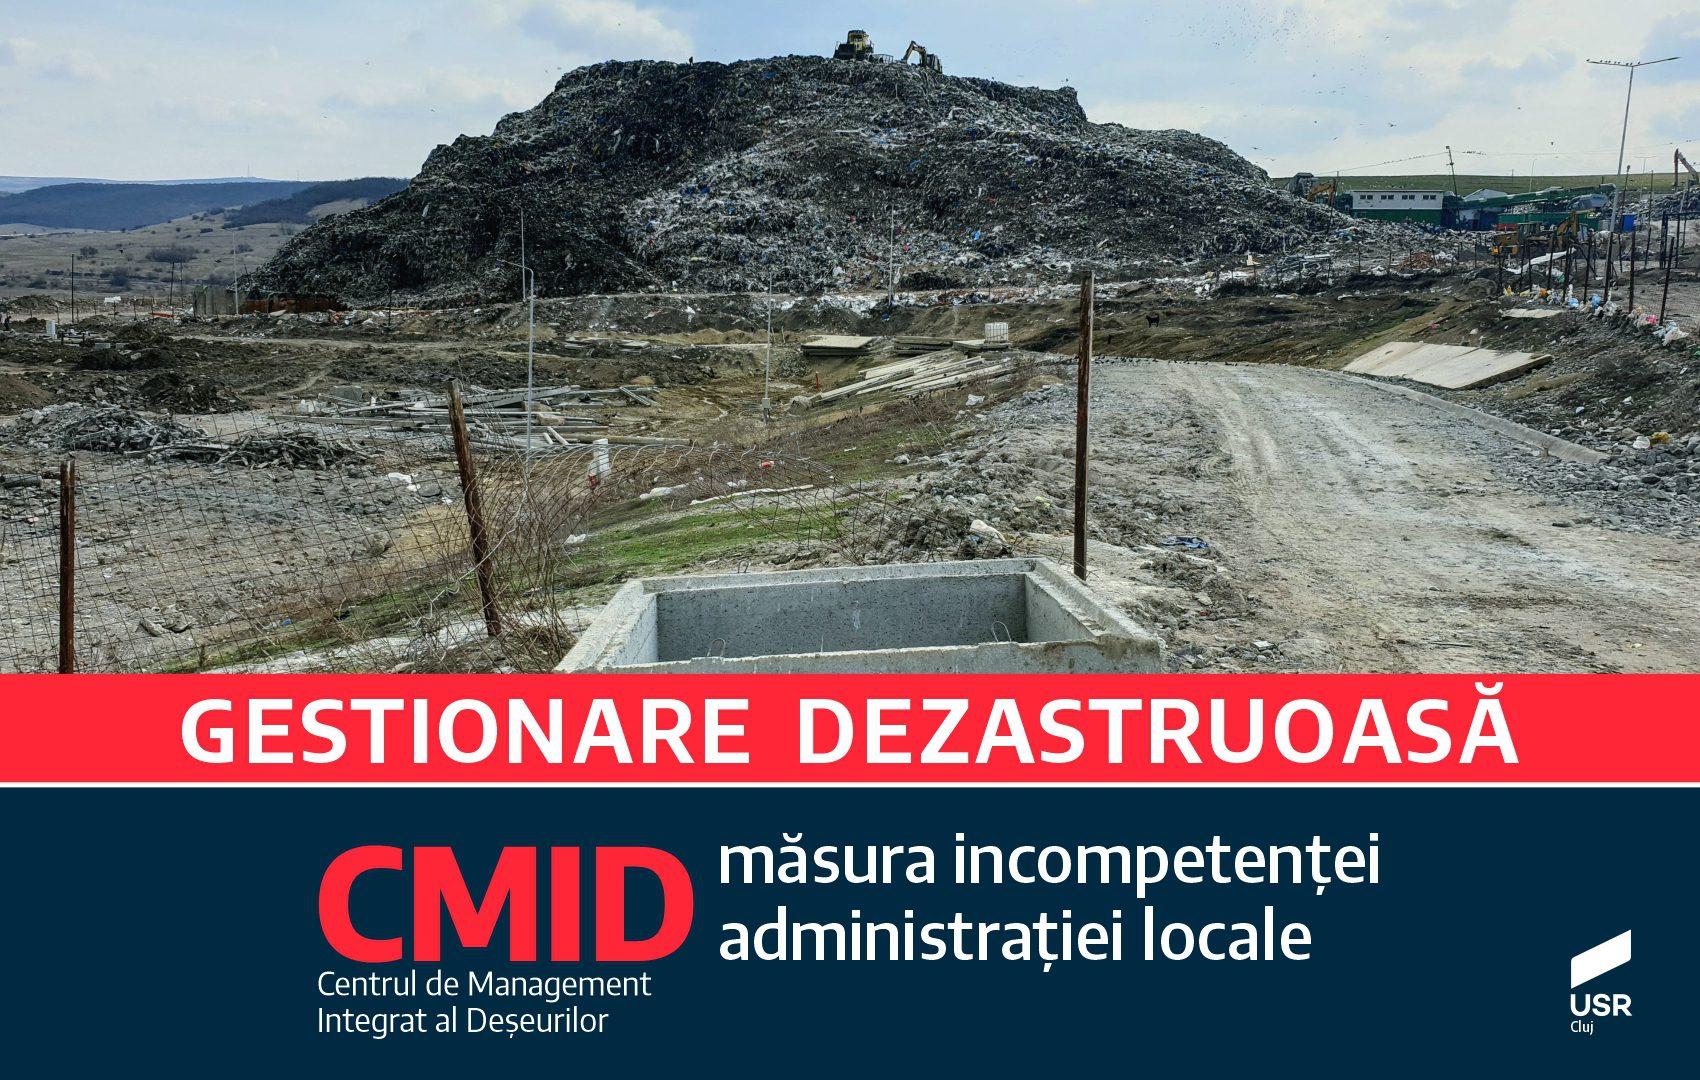 Cătălin Sălăgean: CMID – Măsura incompetenței autorităților locale